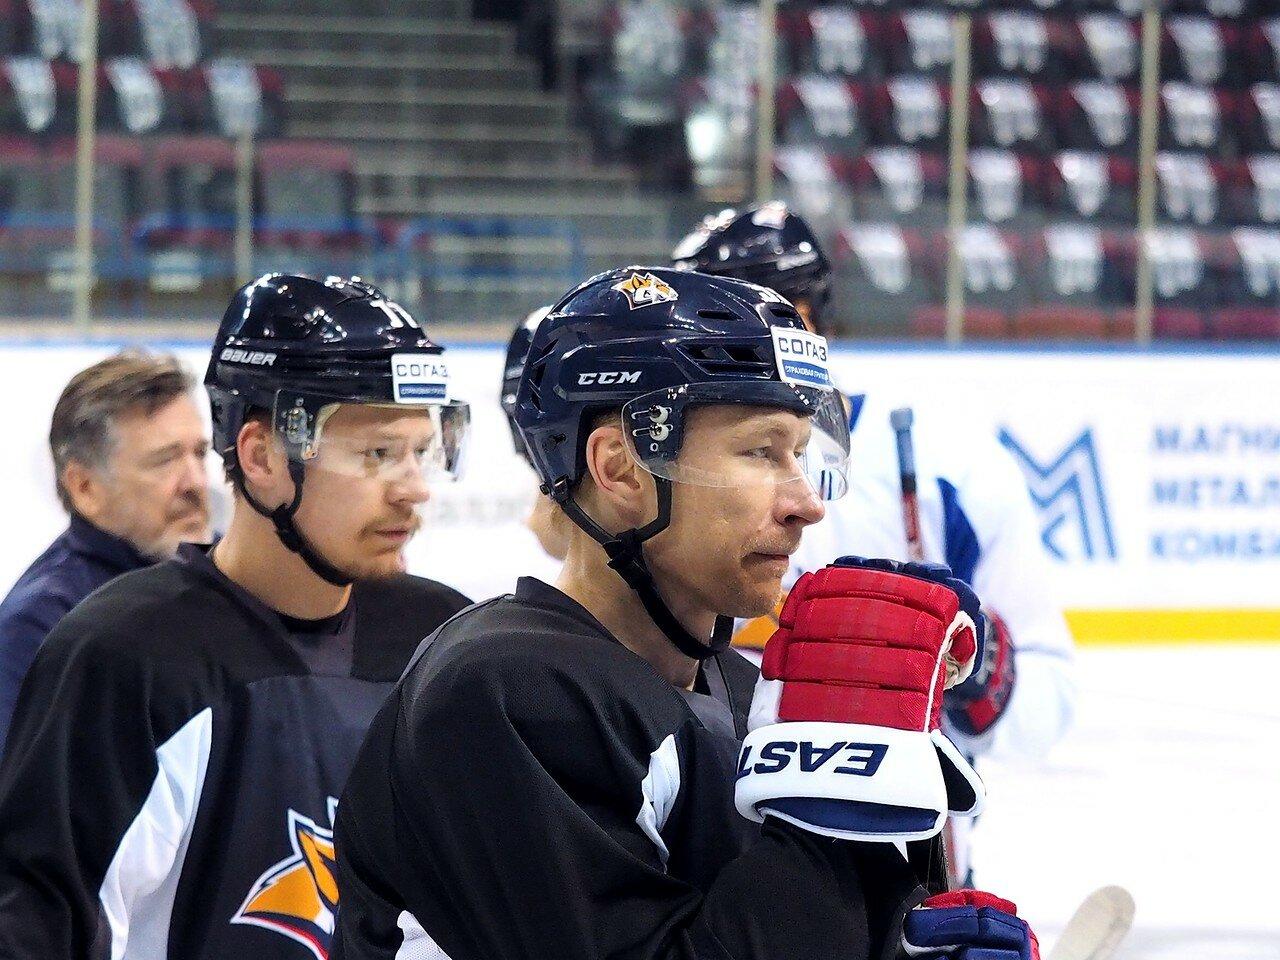 12 Открытая тренировка перед финалом плей-офф КХЛ 2017 06.04.2017